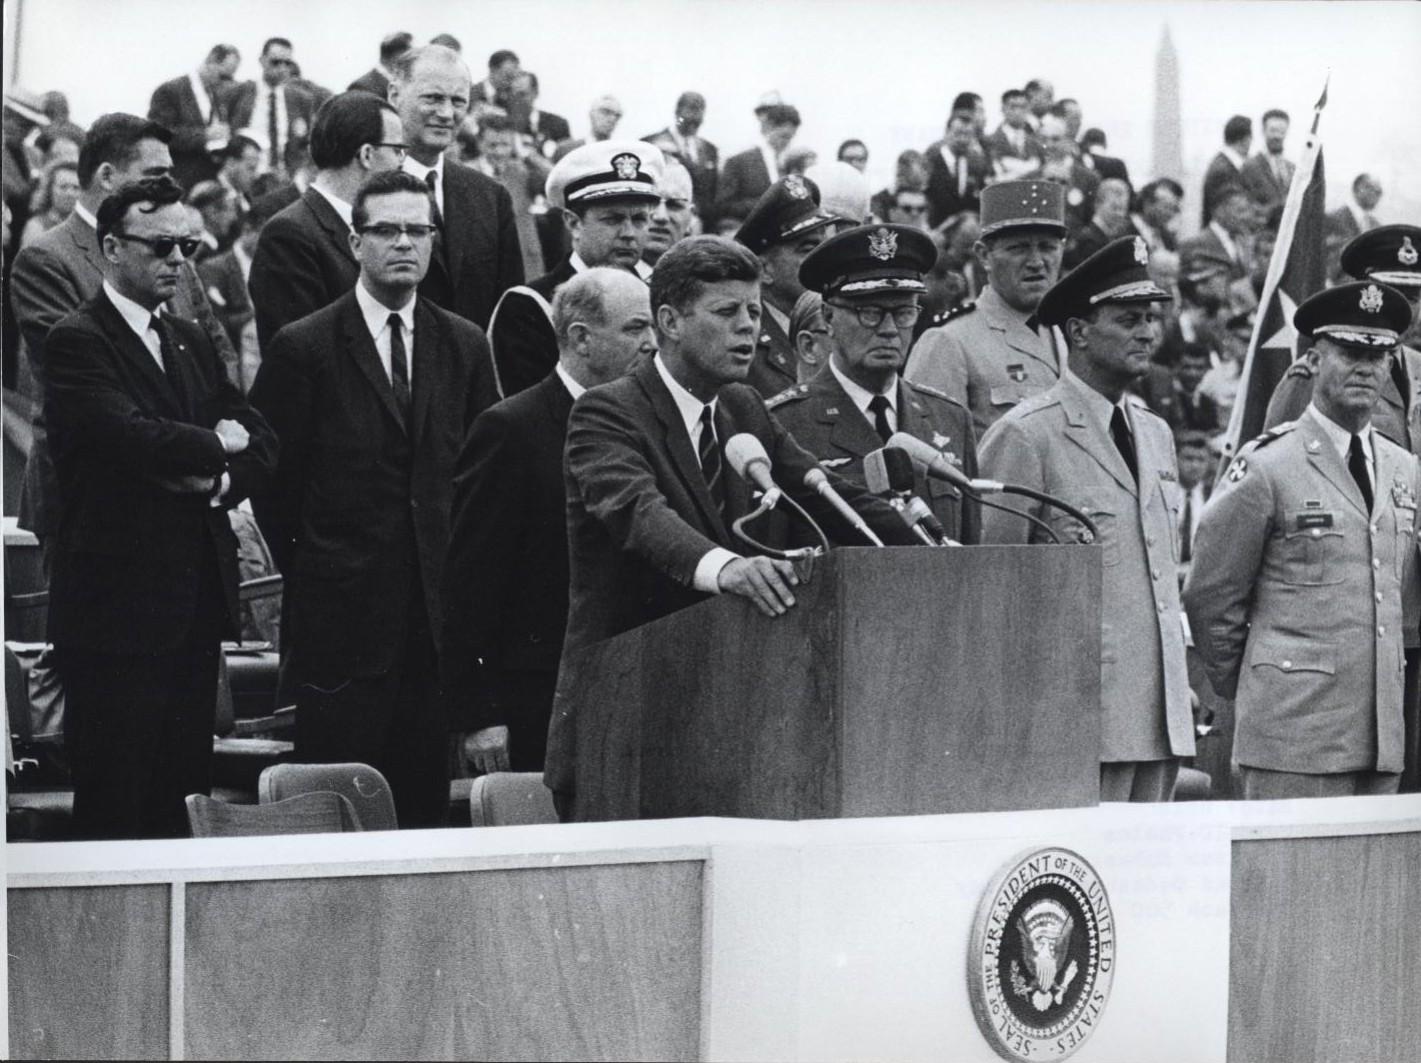 kennedy speech Ich bin ein berliner (english: i am a berliner) was a speech by john f kennedy he made the speech on june 26, 1963 in west berlin.